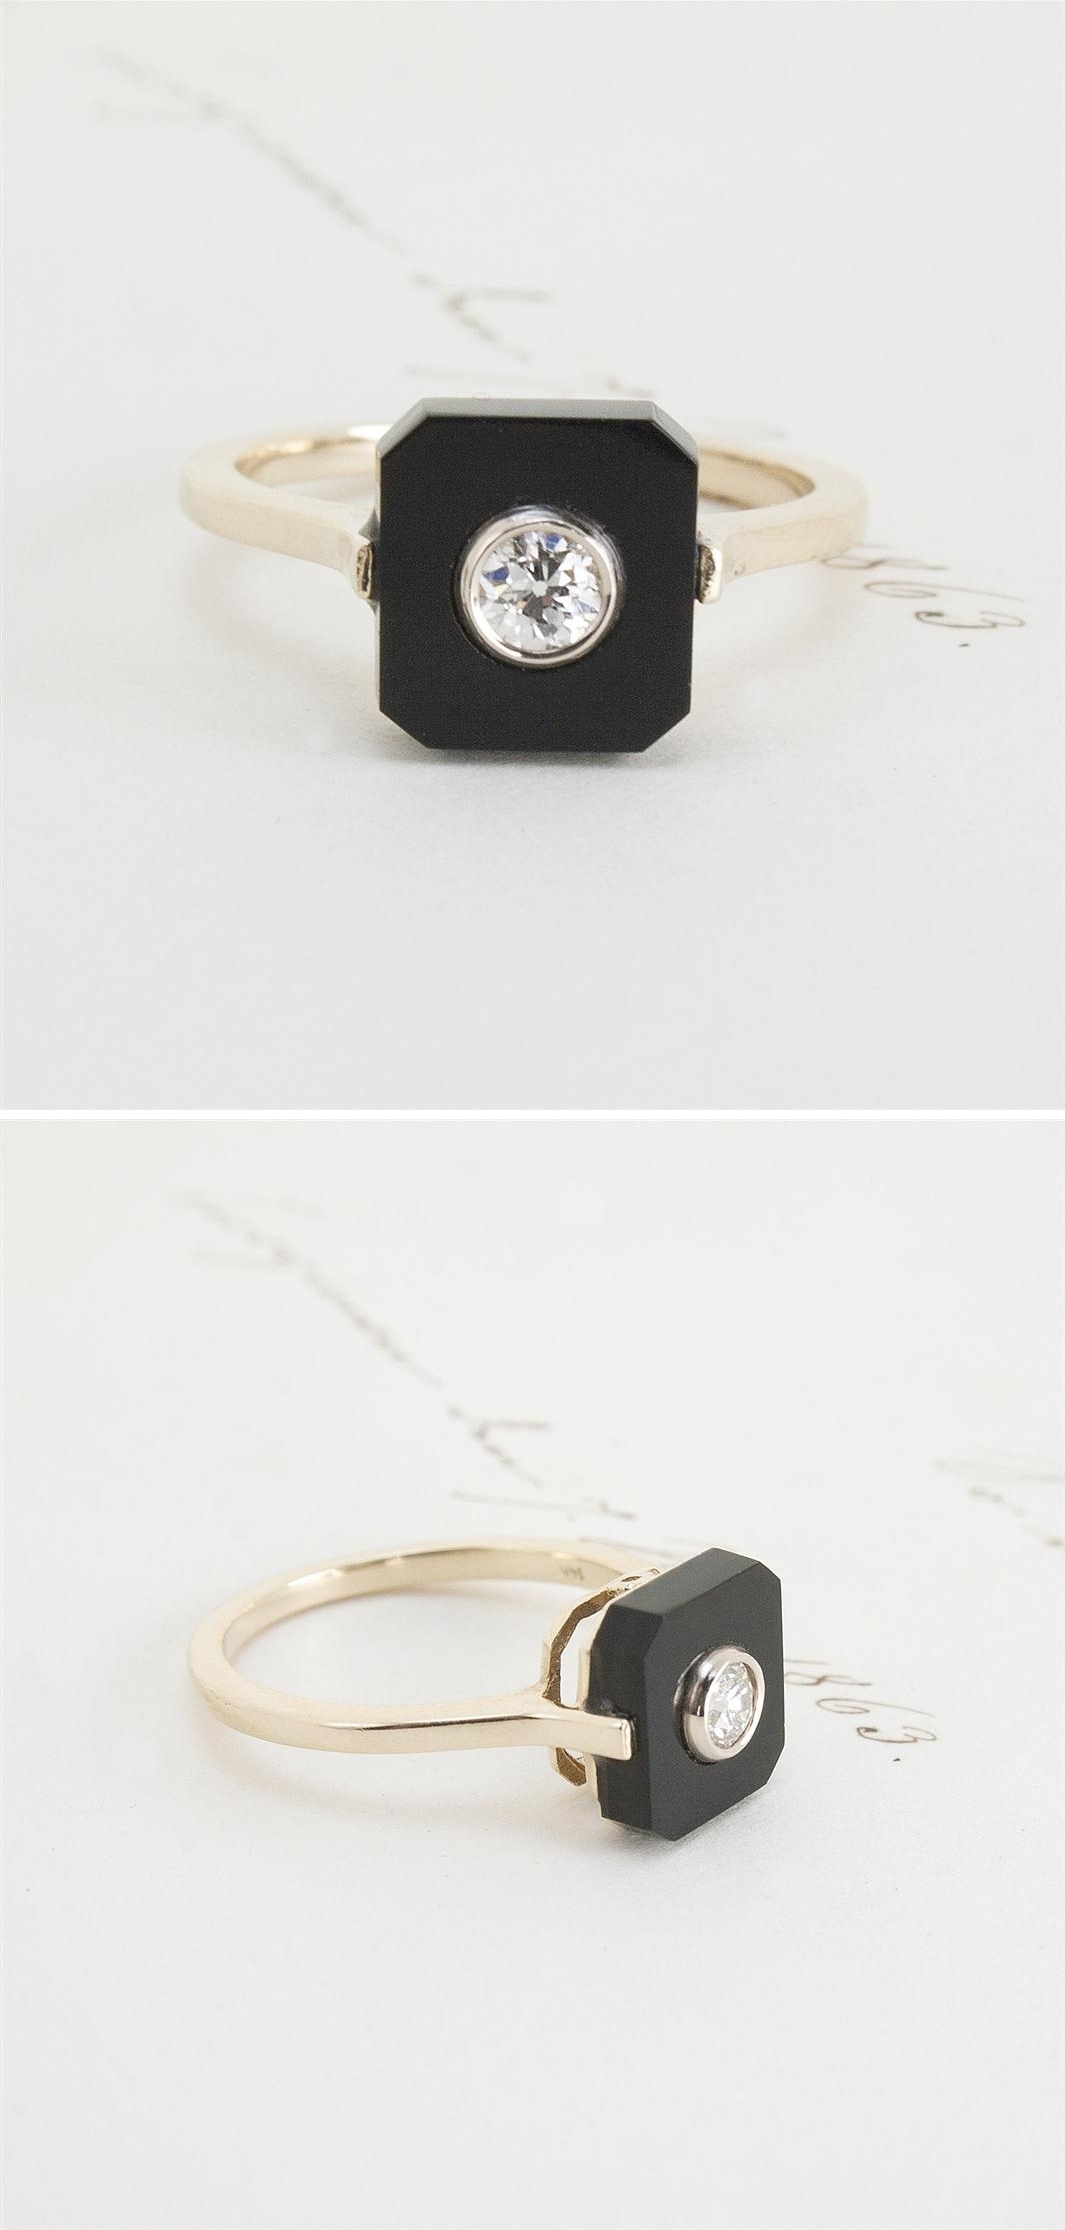 Erica Weiner's 1909 Onyx and Diamond Ring